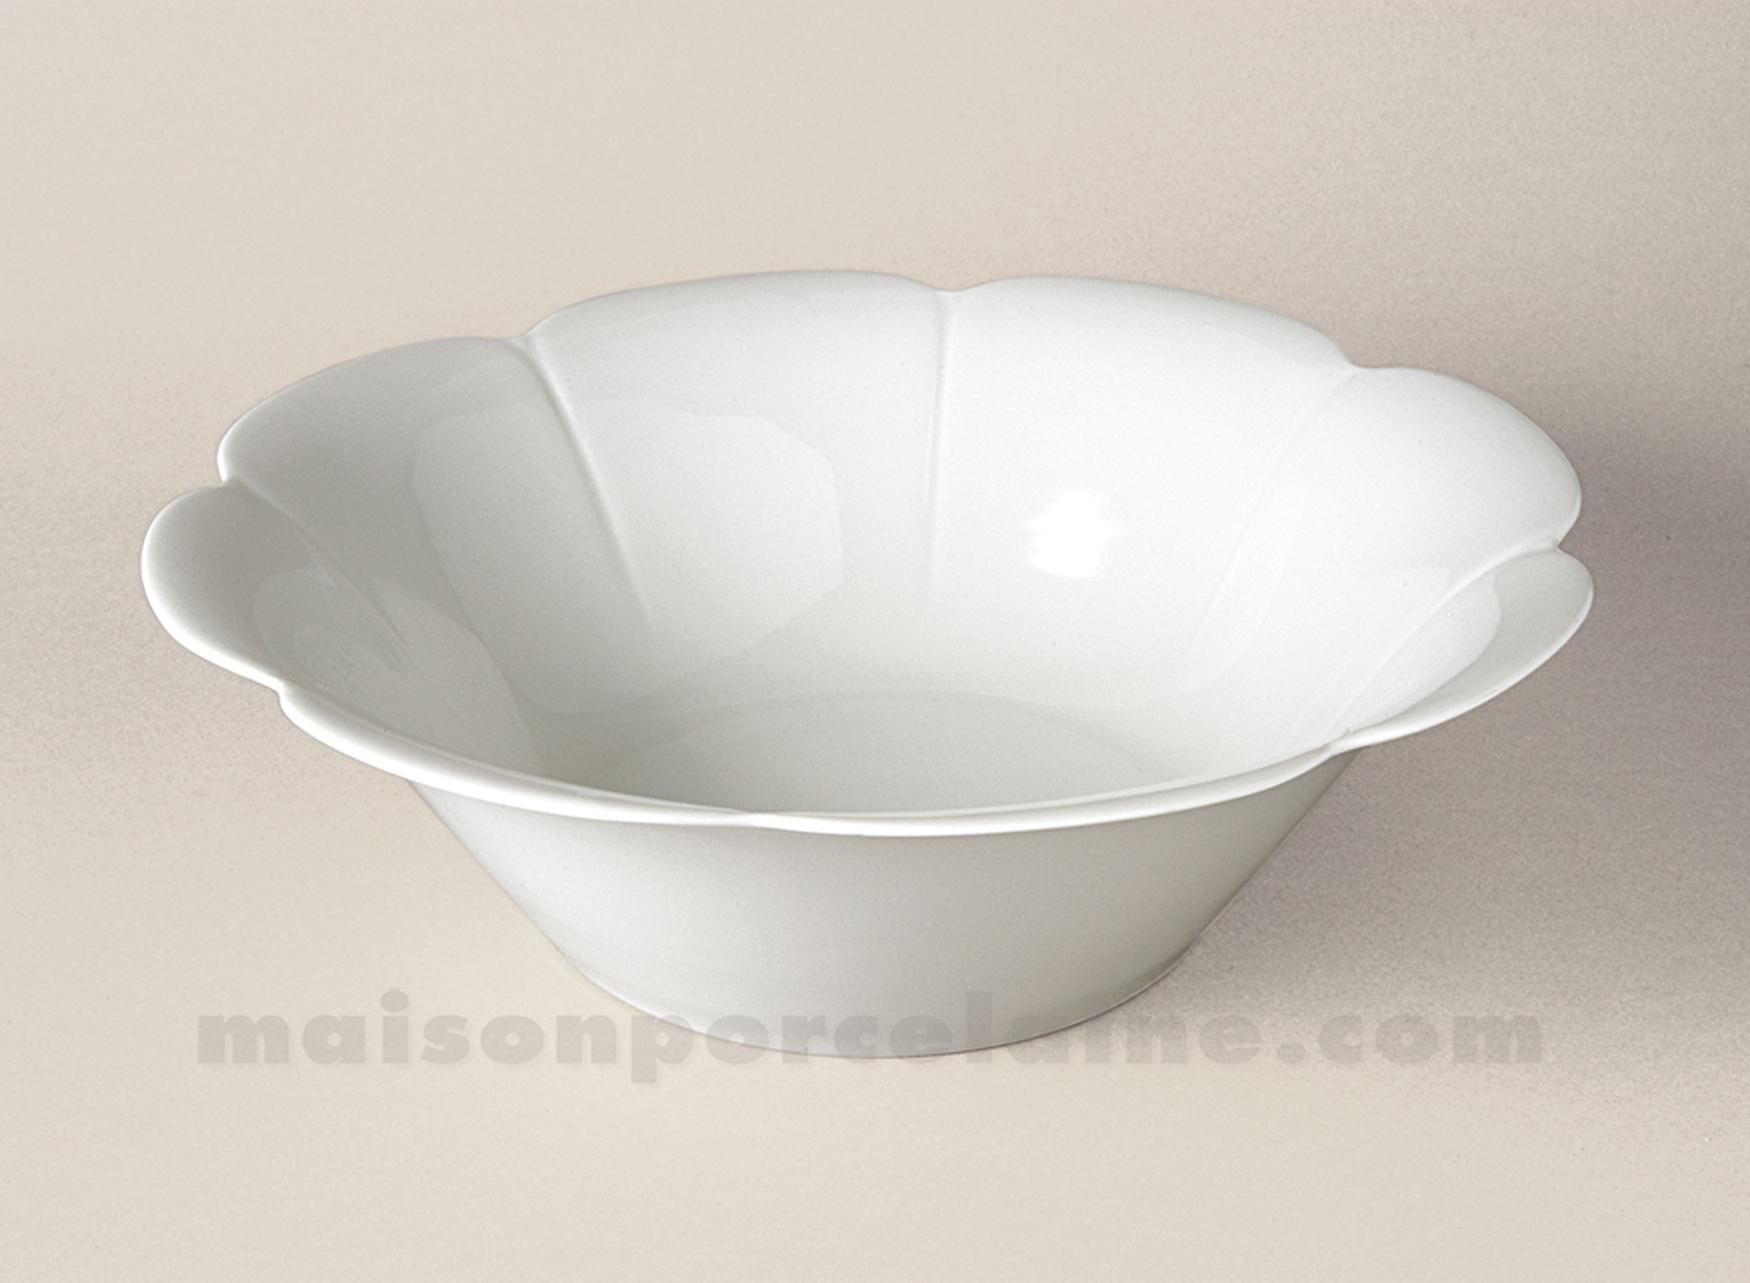 saladier limoges porcelaine blanche nymphea gm d28 maison de la porcelaine. Black Bedroom Furniture Sets. Home Design Ideas